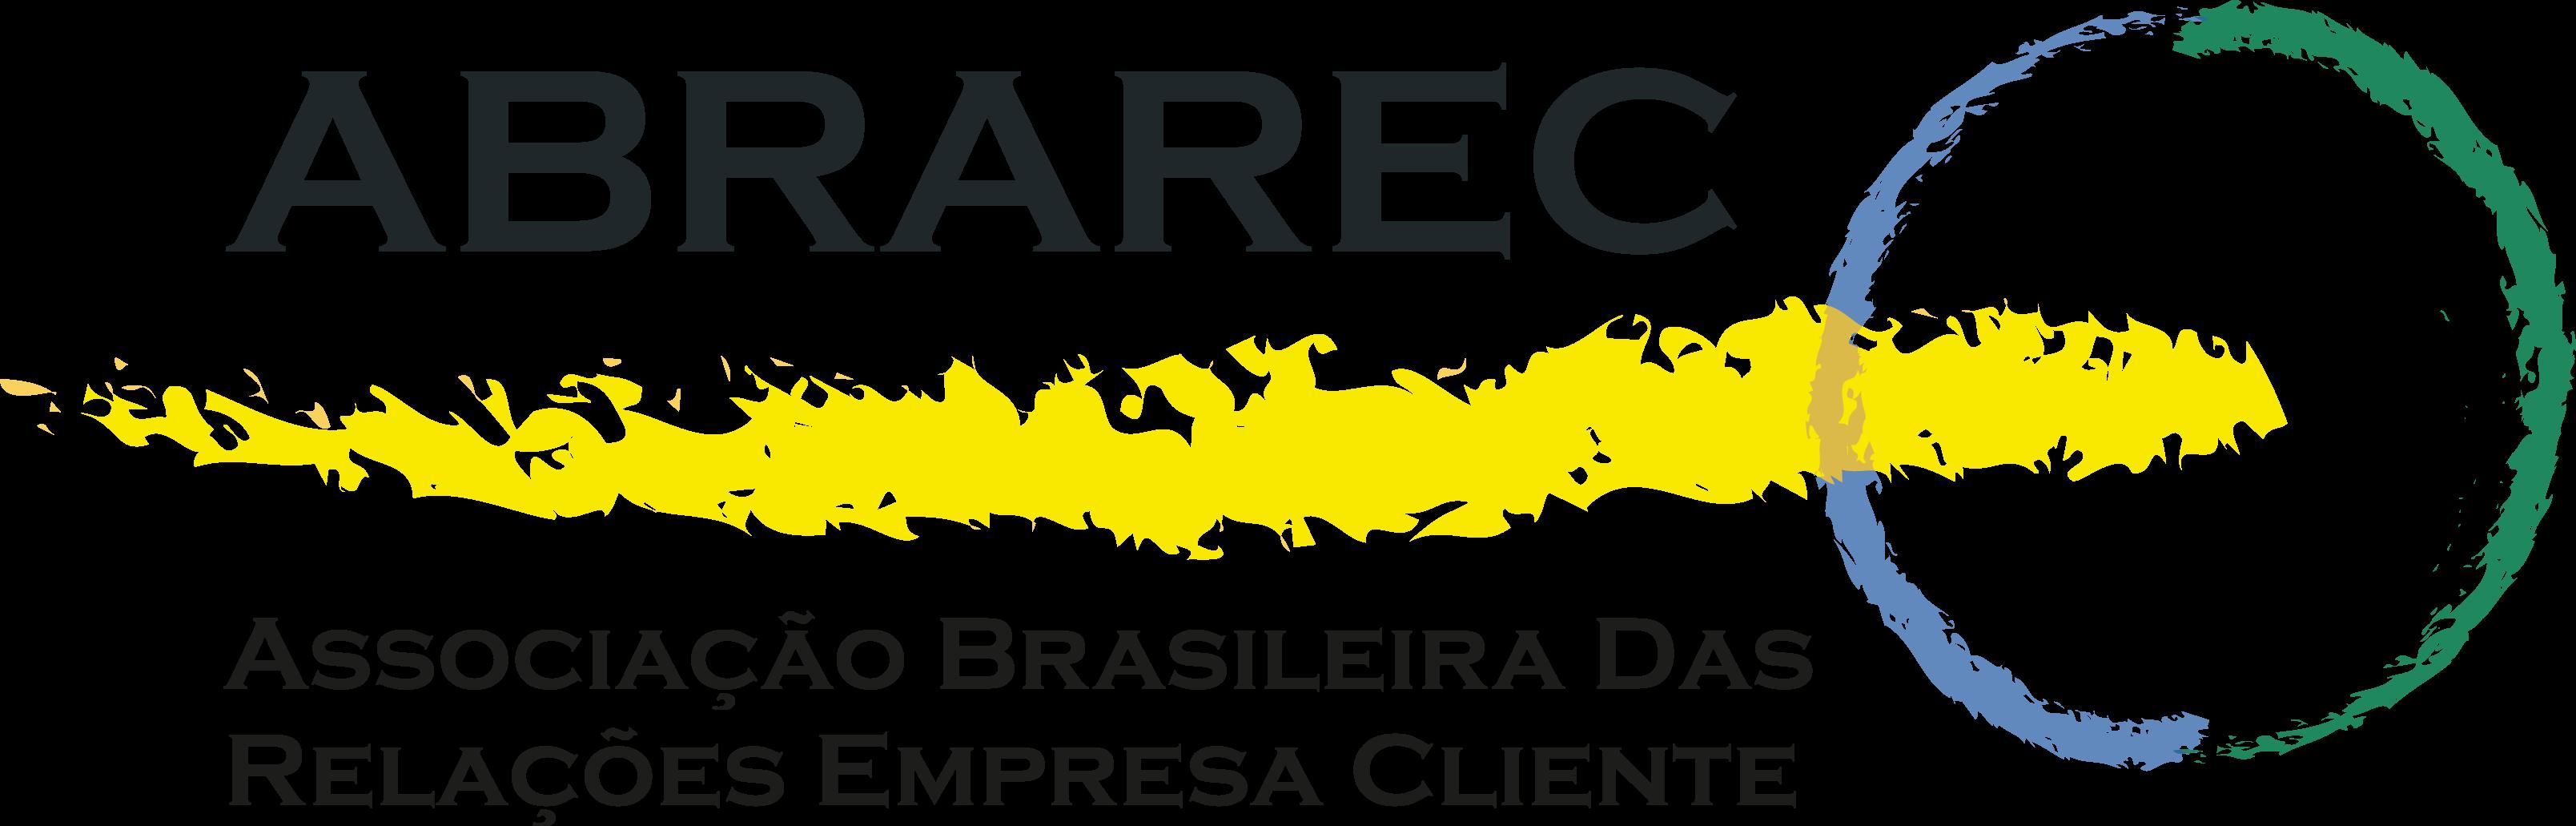 EVENTO: 119ª Reunião do Comitê de Ouvidorias ABRAREC